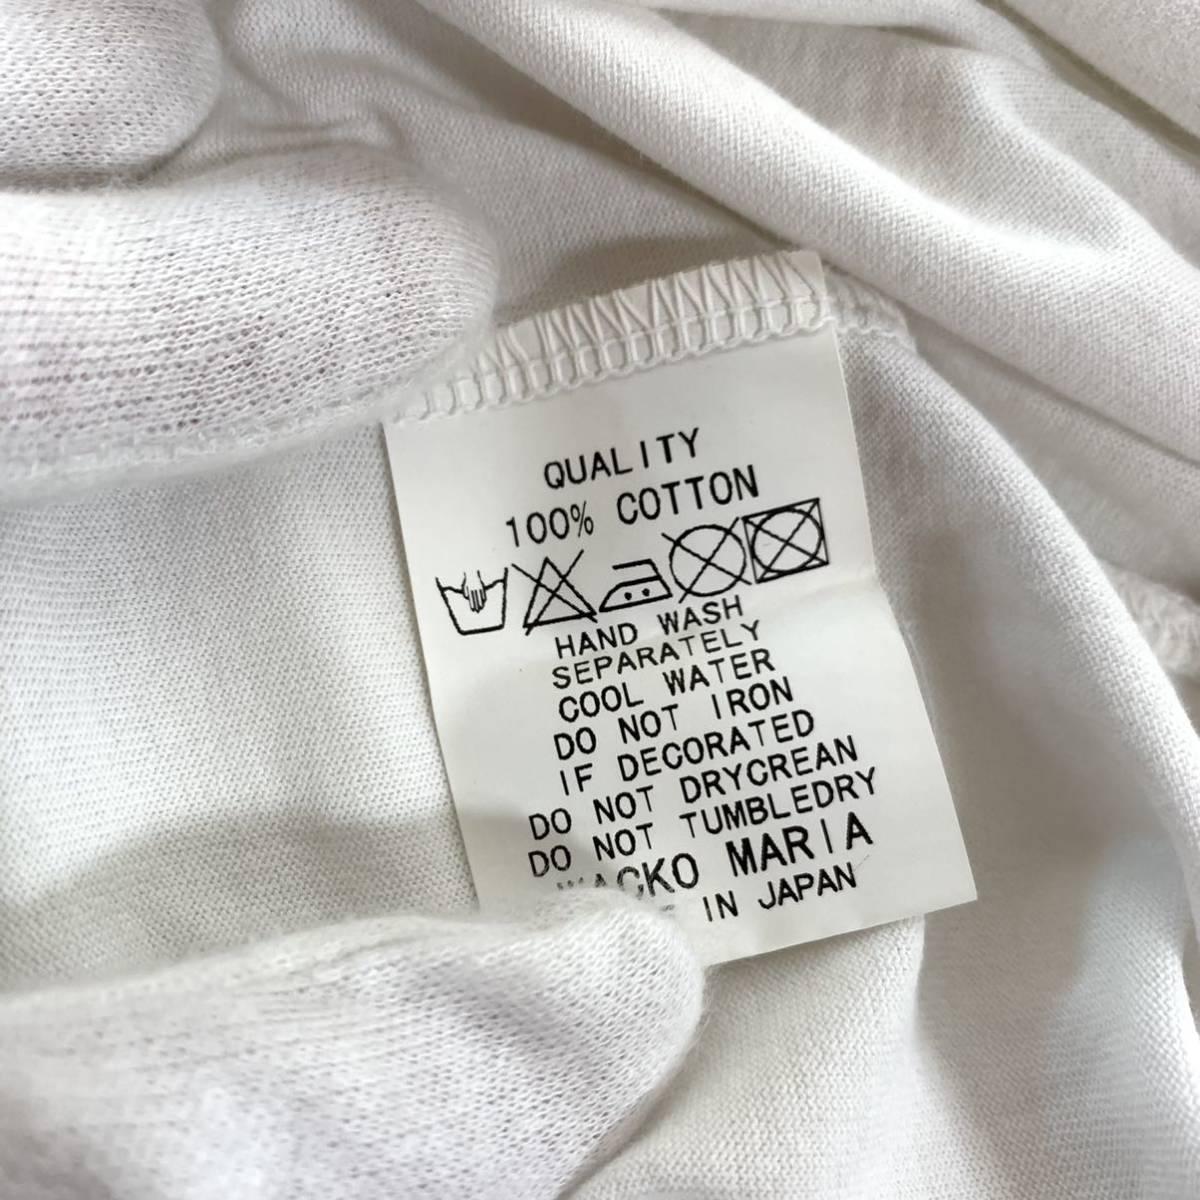 WACKO MARIA ワコマリア バックプリント Tシャツ ギルティーパーティー 舐達麻 c146_画像8